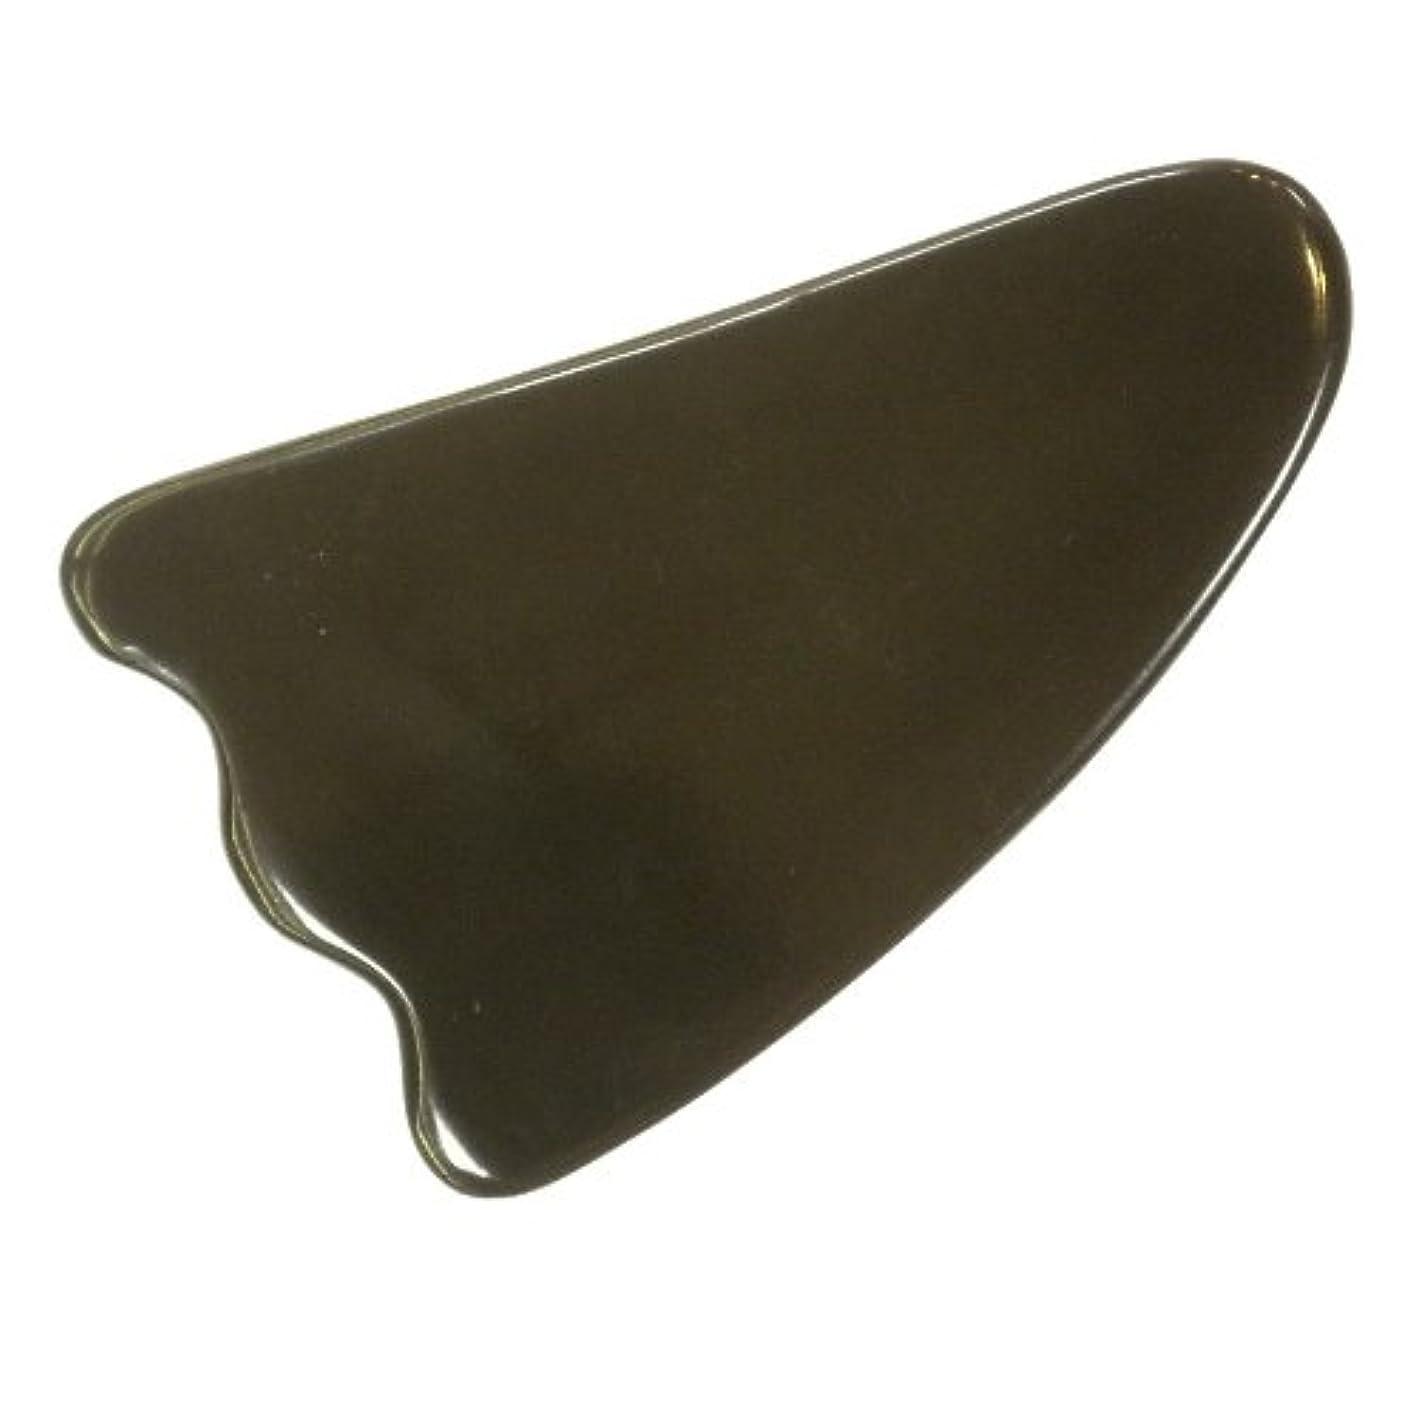 お手伝いさん頬骨正しくかっさ プレート 厚さが選べる 水牛の角(黒水牛角) EHE213SP 羽根型 特級品 標準(6ミリ程度)